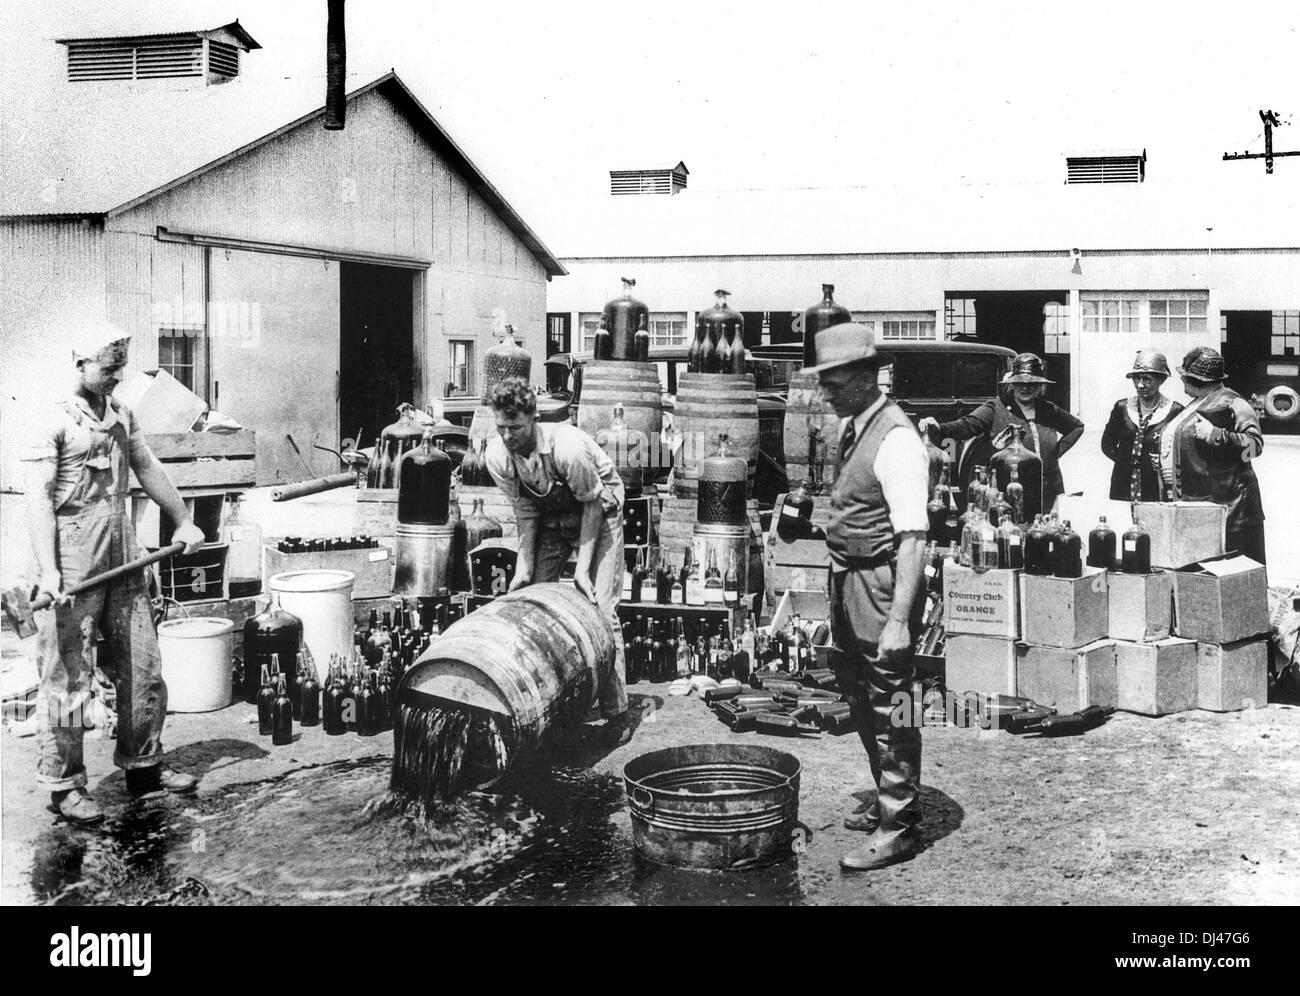 Zerstörung von Alkohol während der Prohibition, Amerika Stockbild